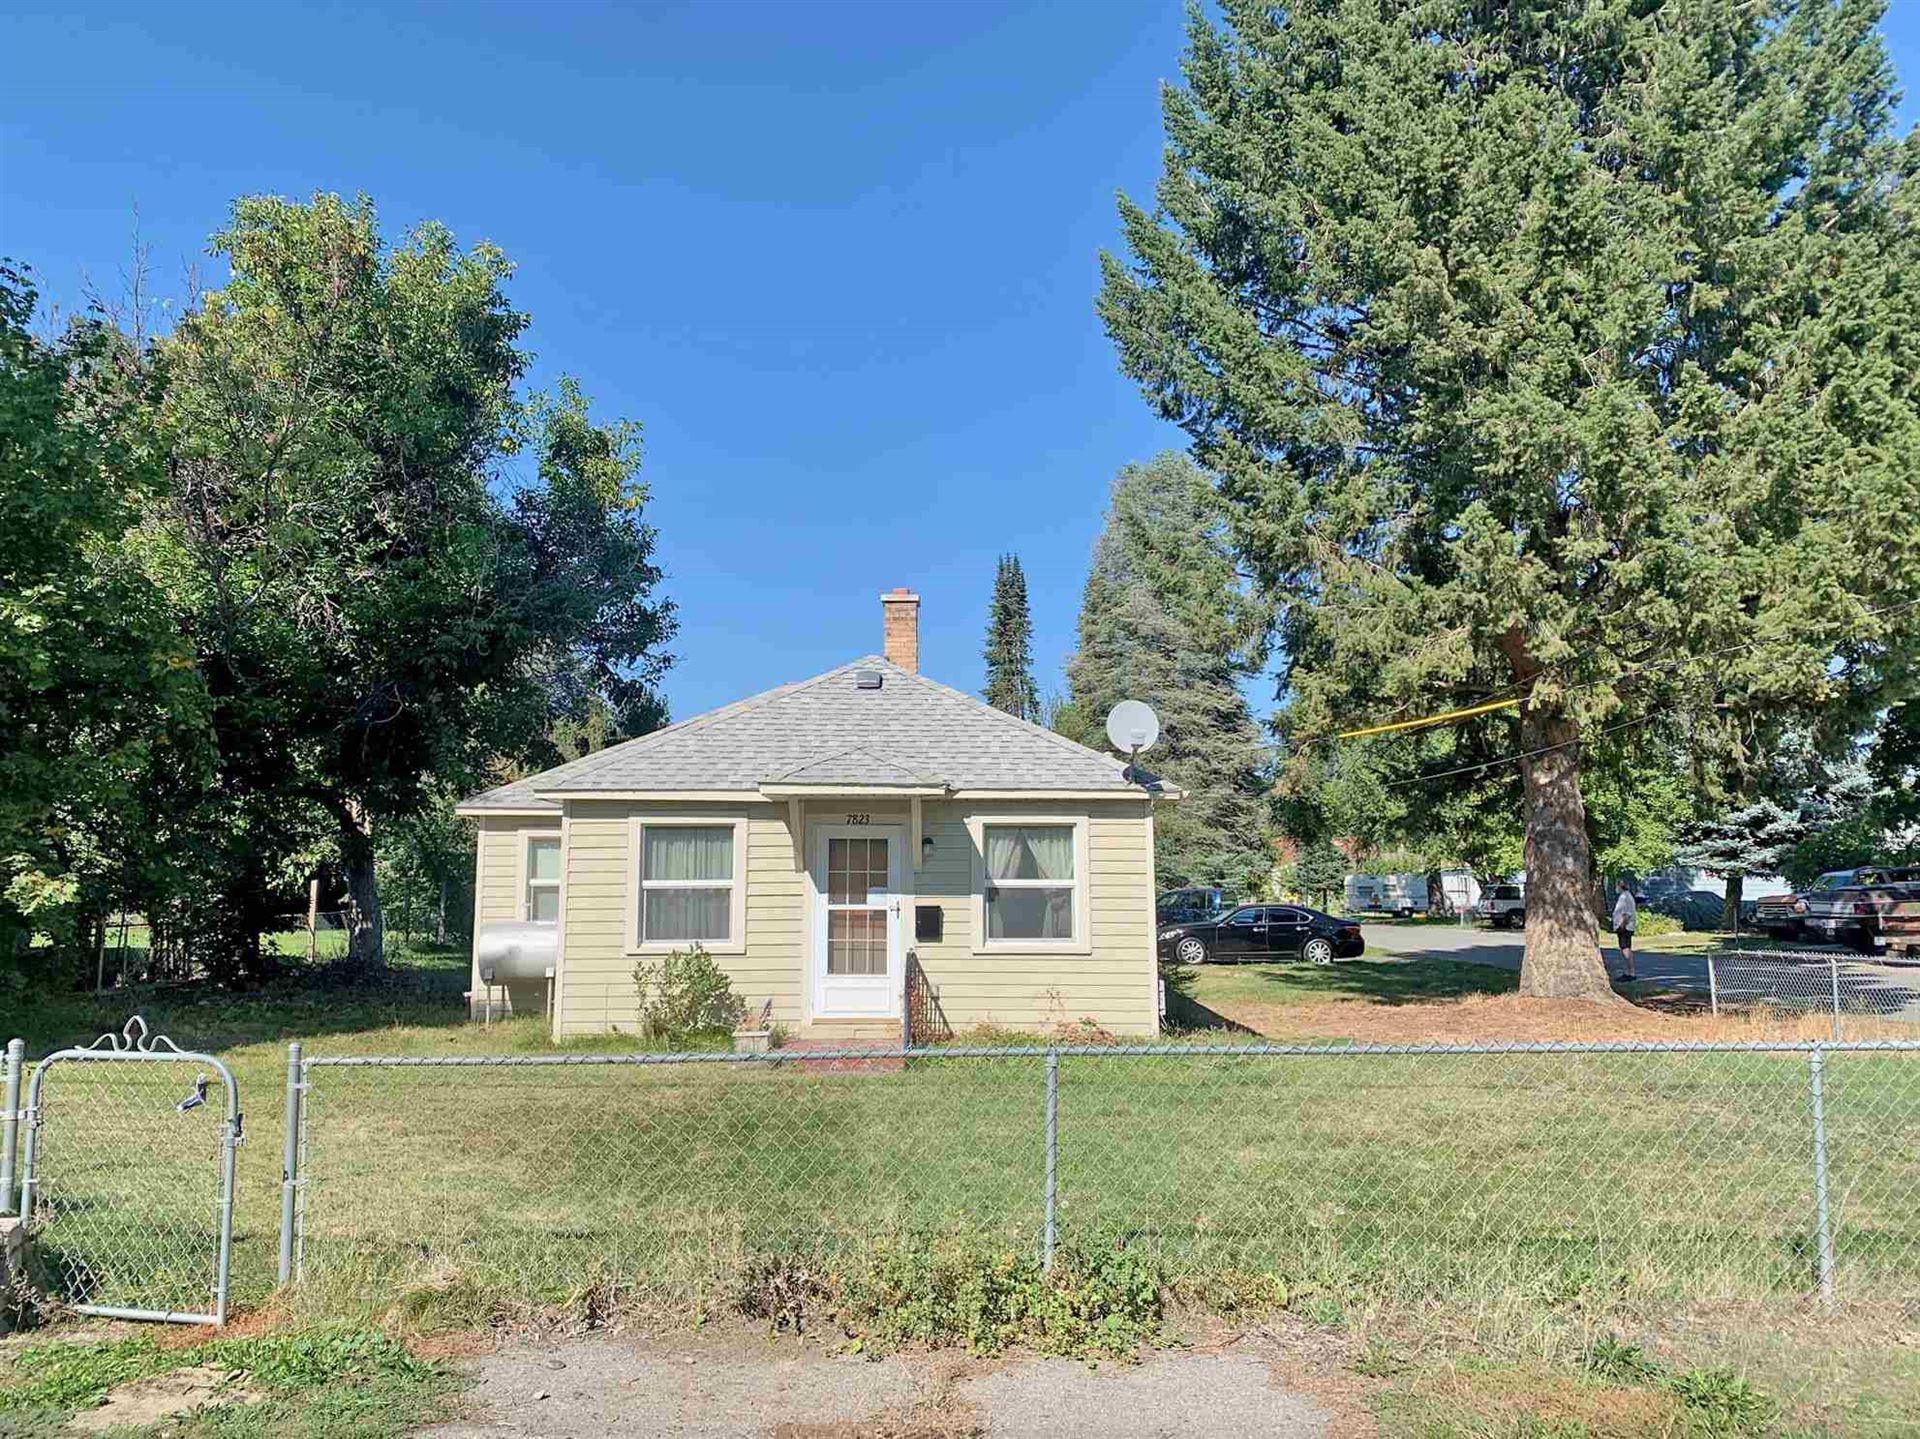 7823 E Glass Ave, Spokane Valley, WA 99212 - #: 202123005